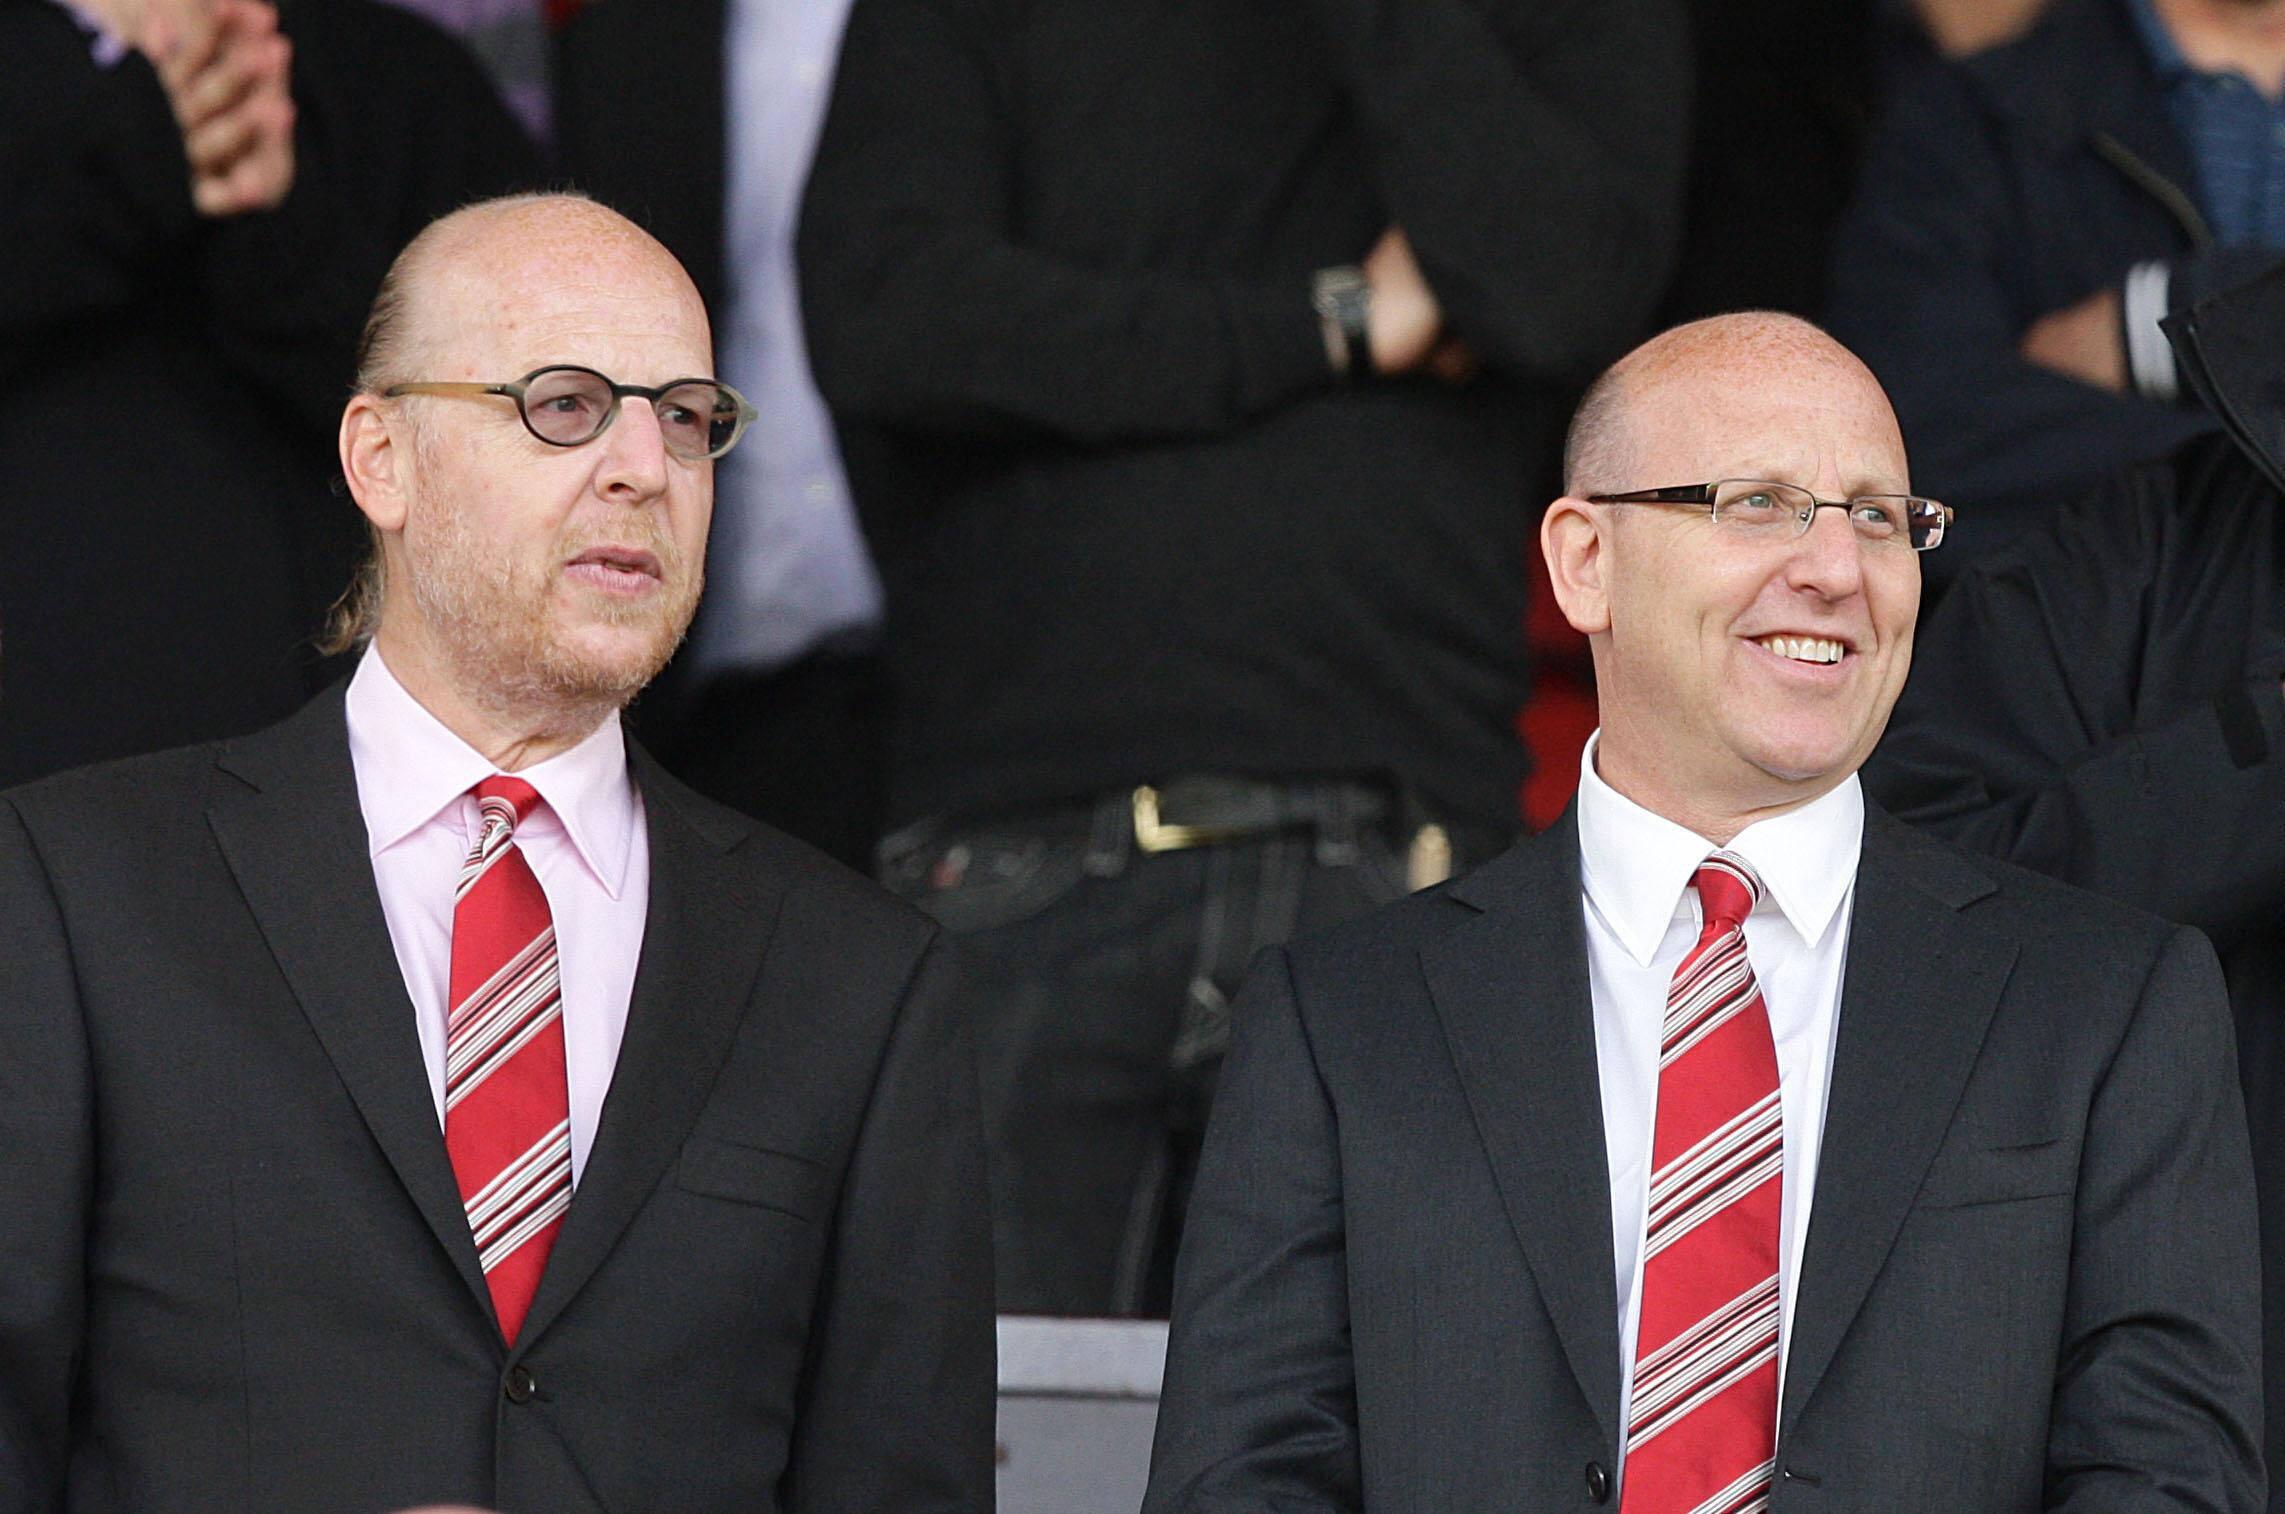 Joel und Avram Glazer (Besitzer von Manchester United)